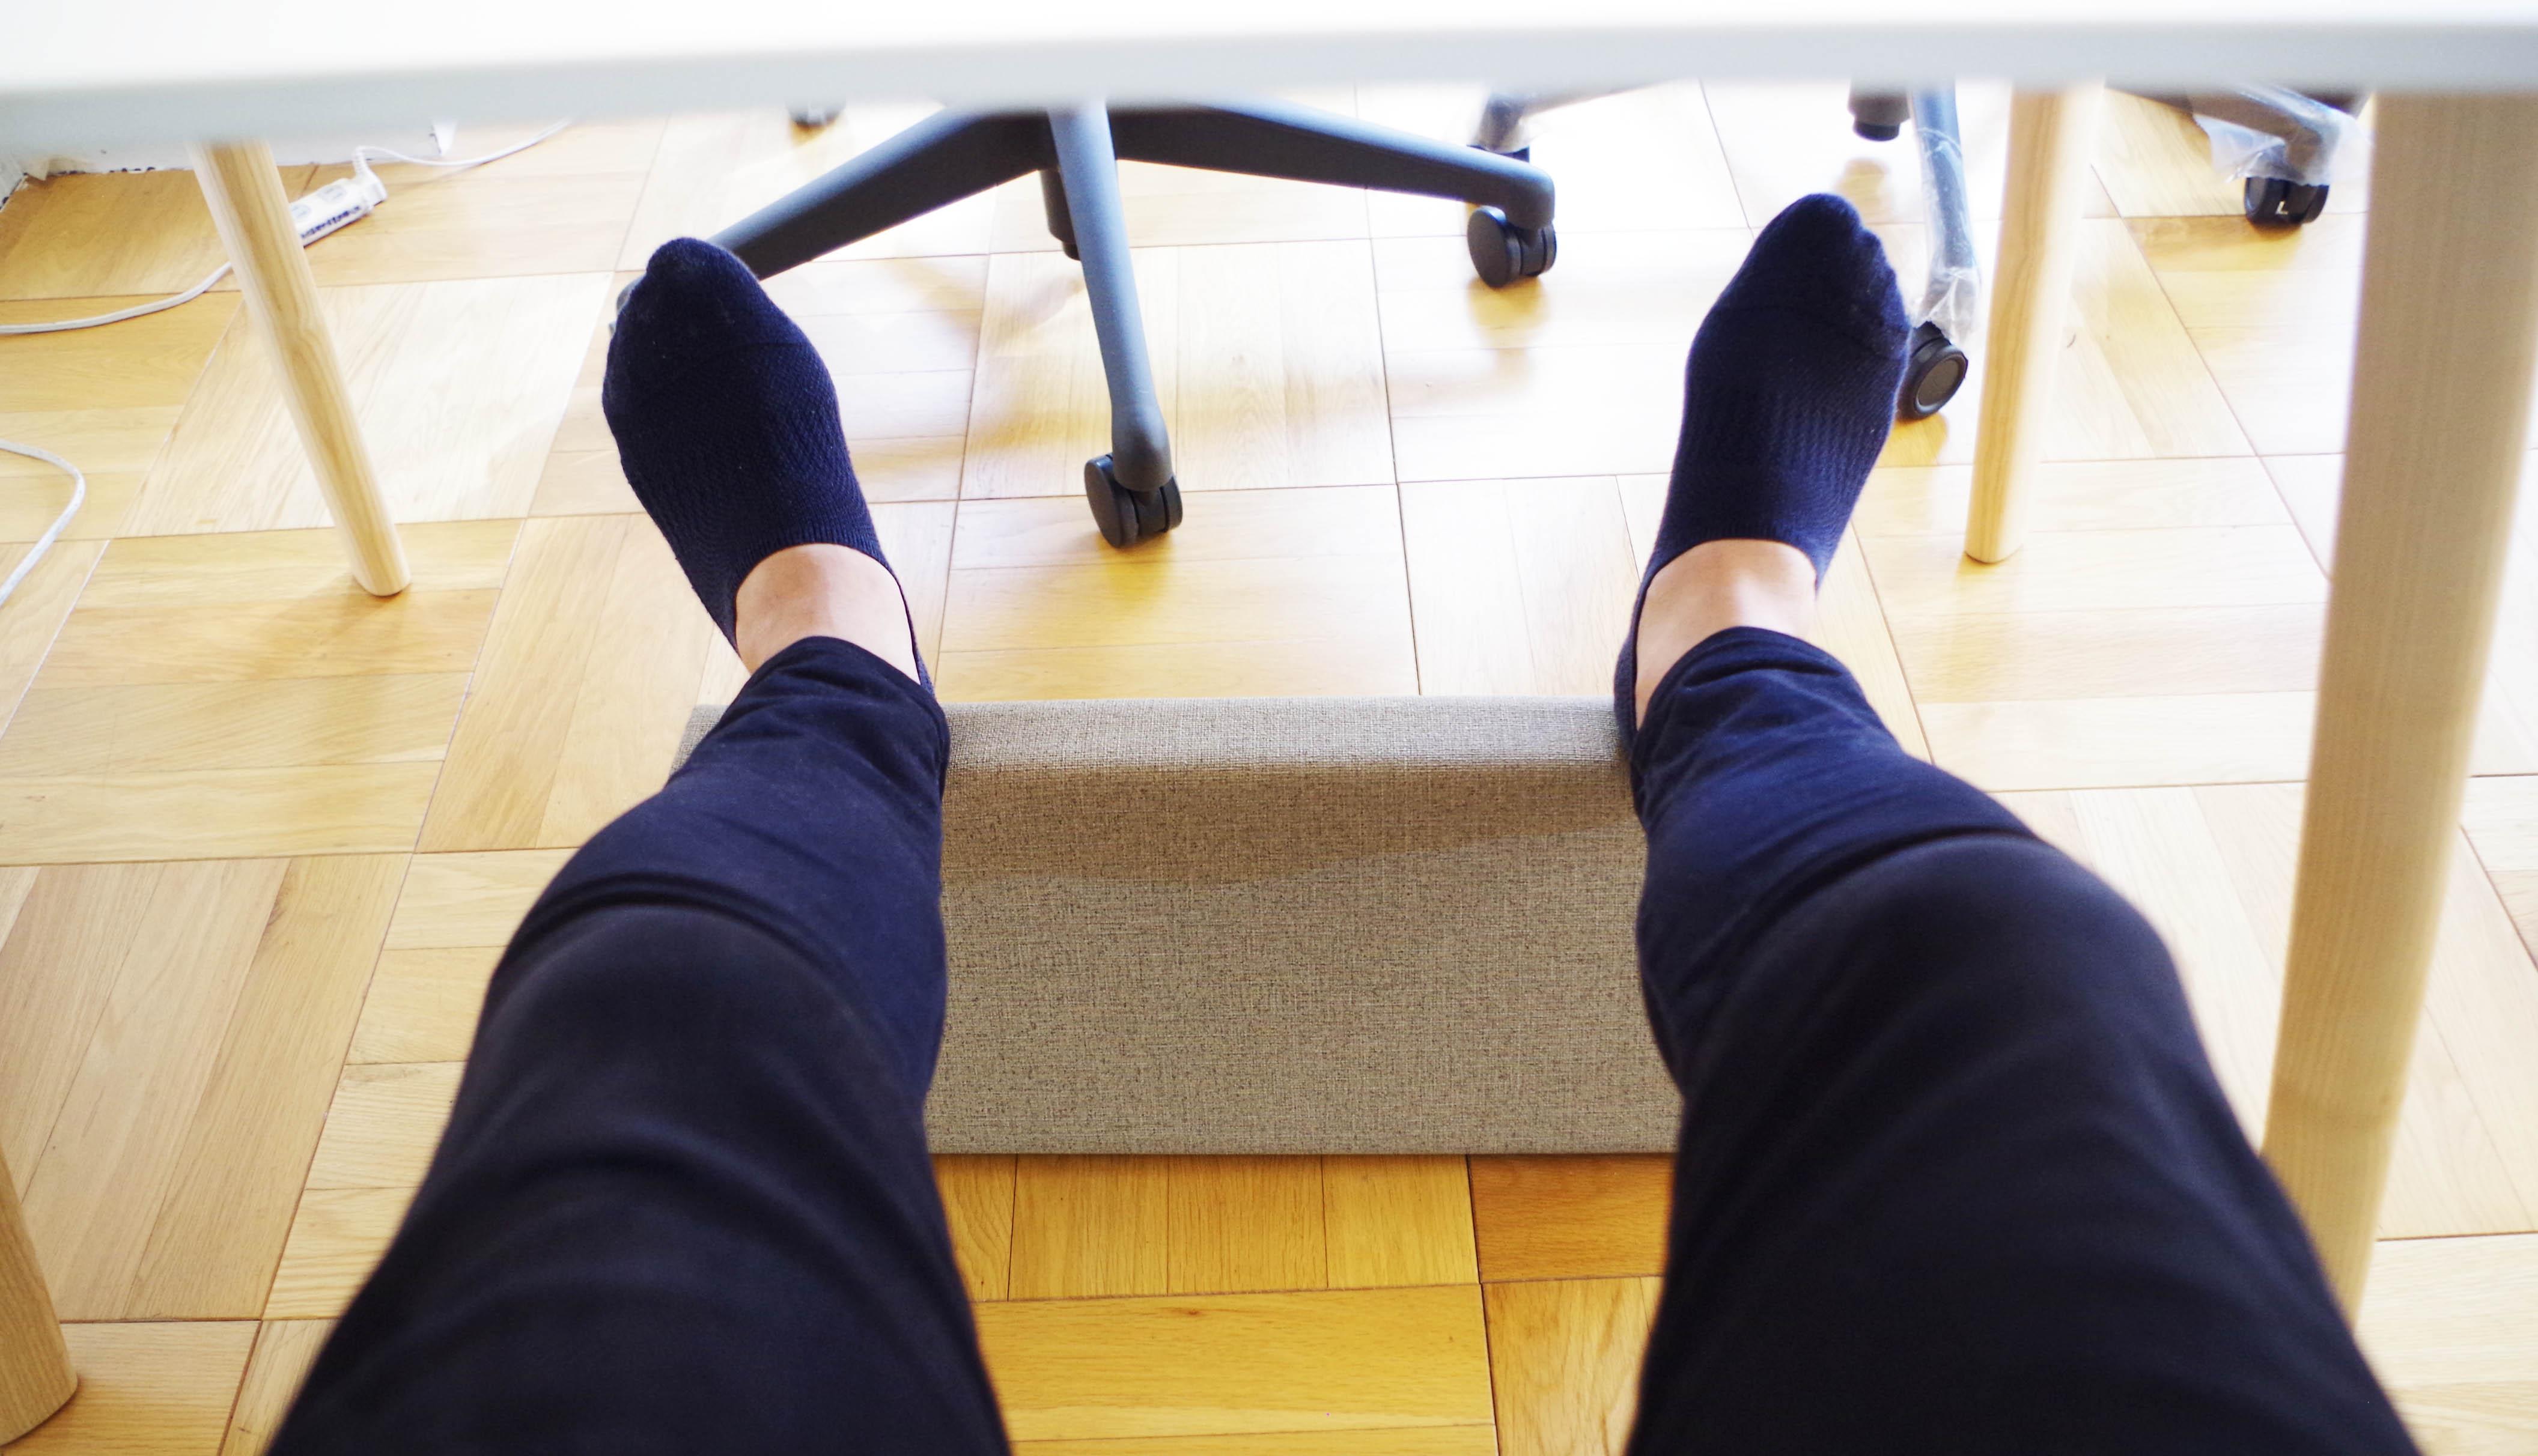 フットレストに足を載せた状態